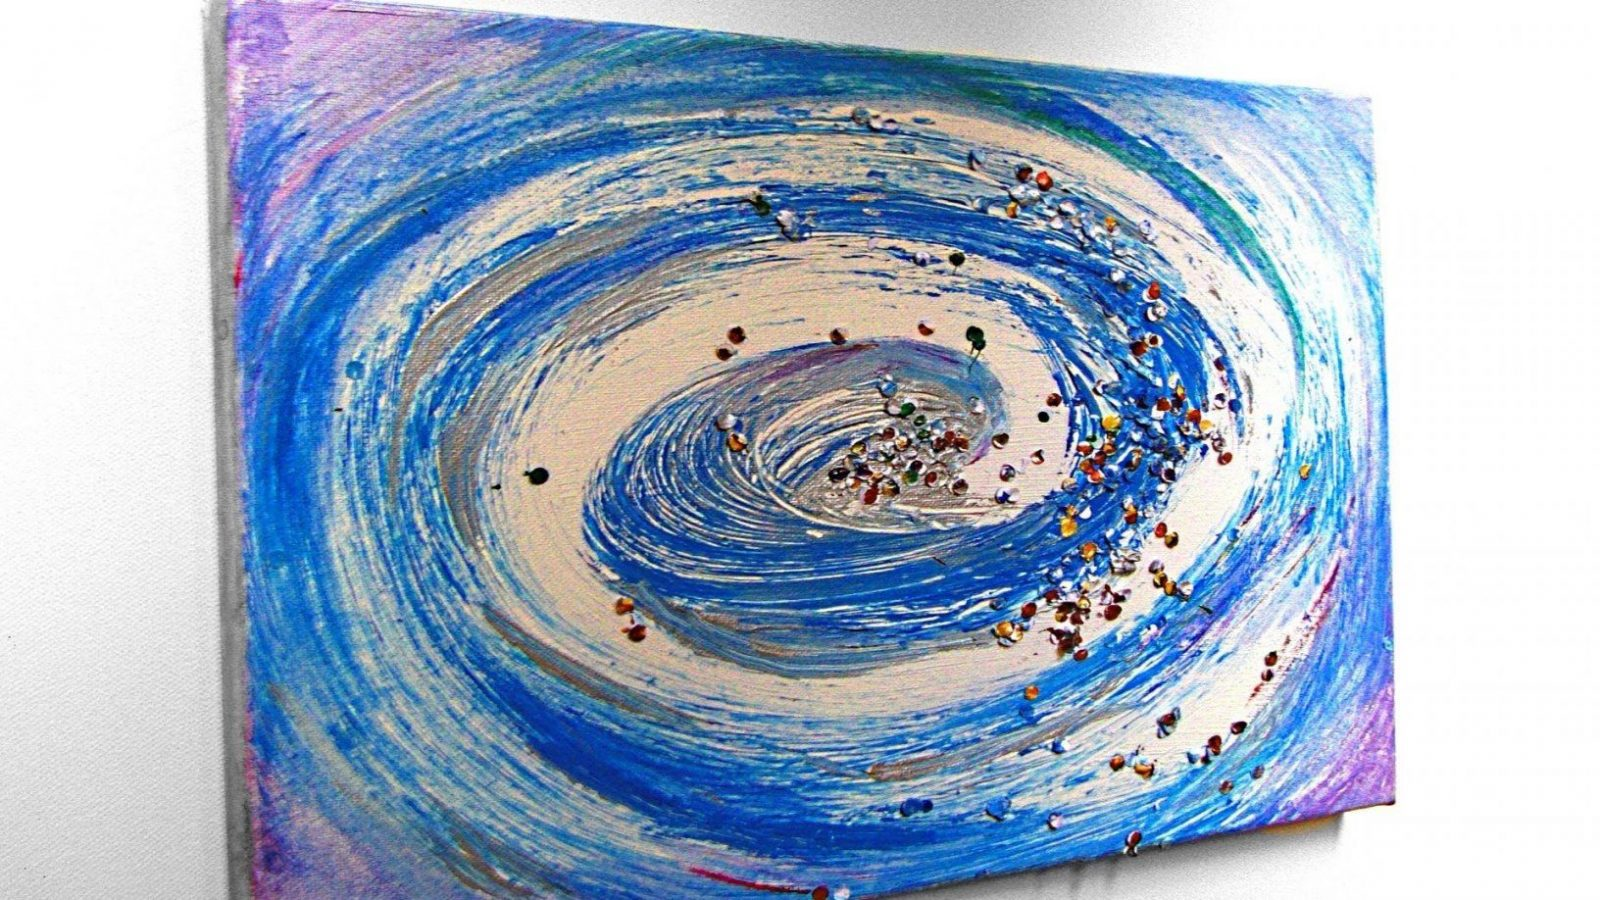 Wirbel Abstrakt Malen Mit Acryl (Whirl Abstract Painting With von Acrylbilder Selber Malen Für Anfänger Photo